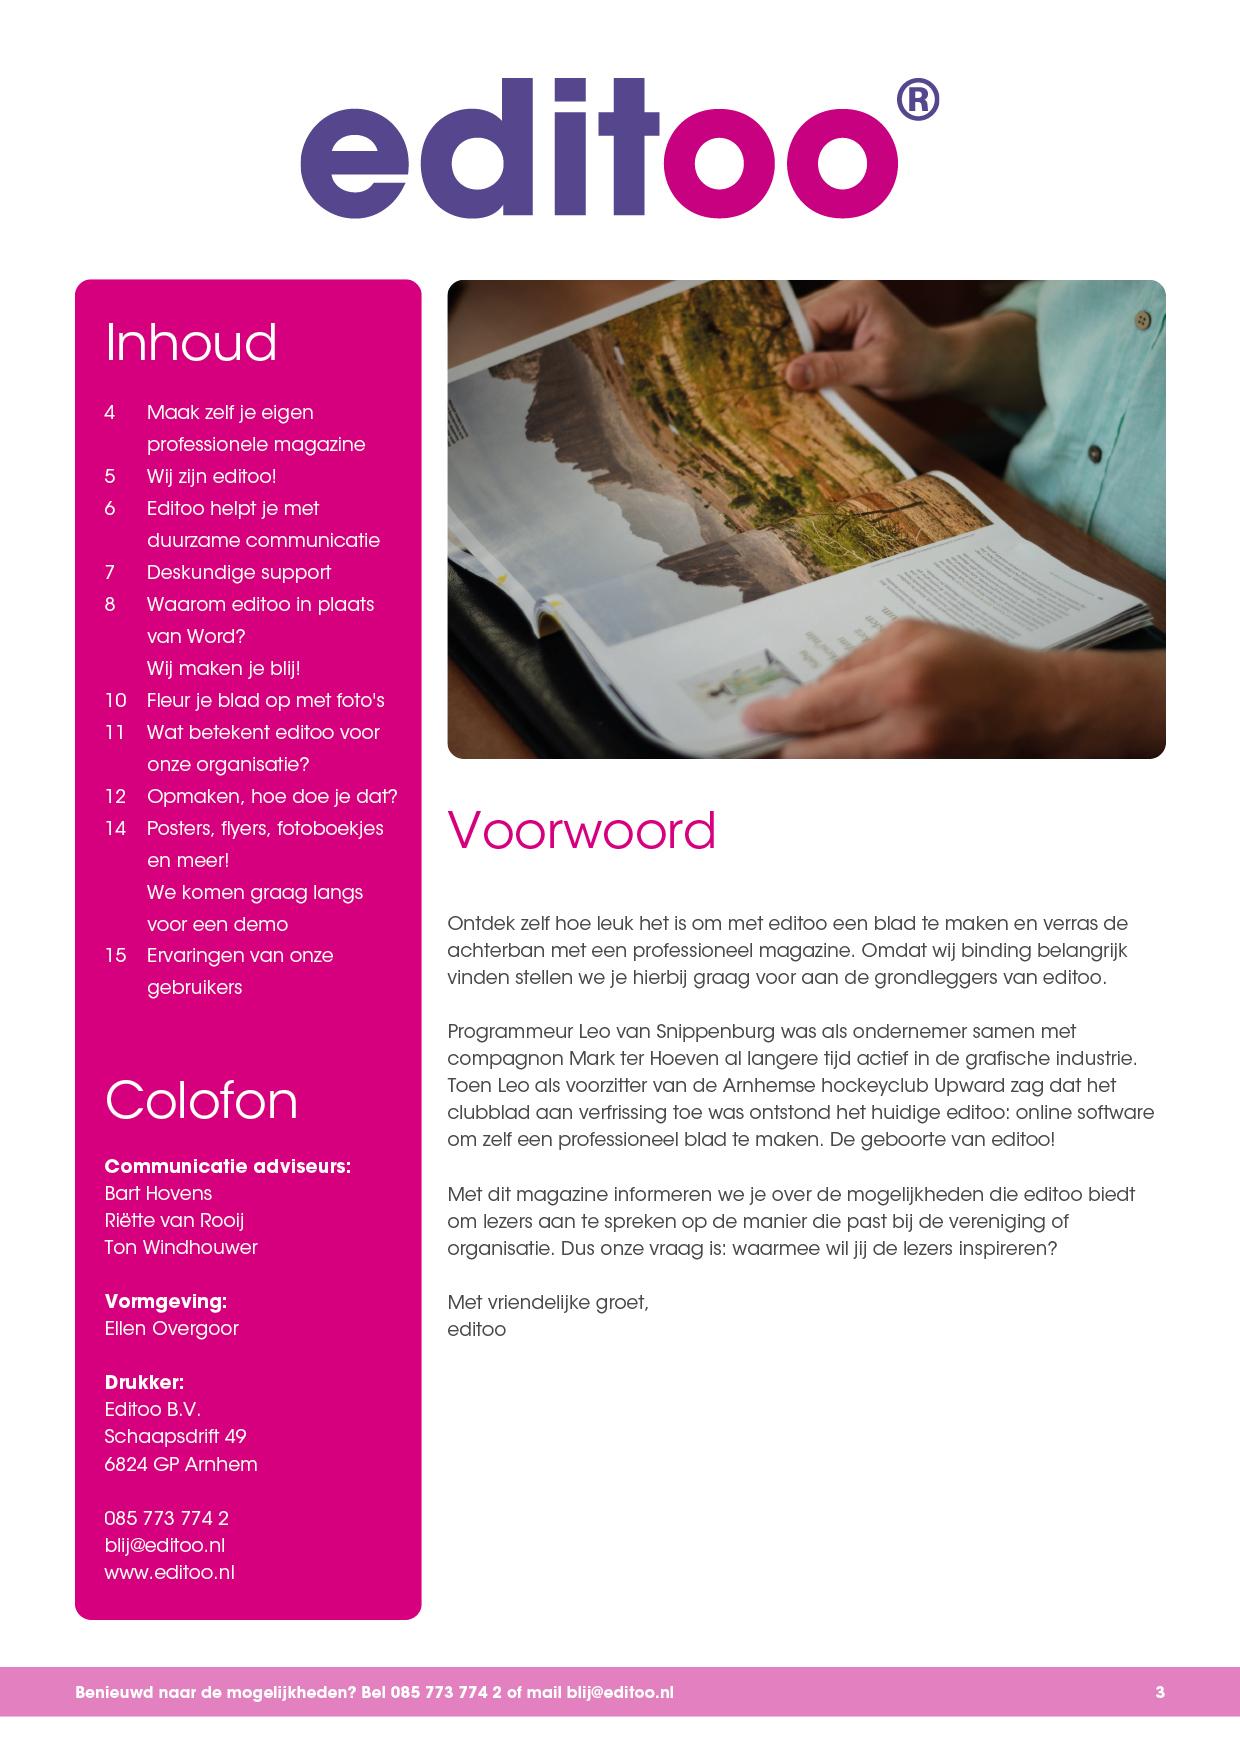 Pagina 3 - Inhoud, colofon en voorwoord*